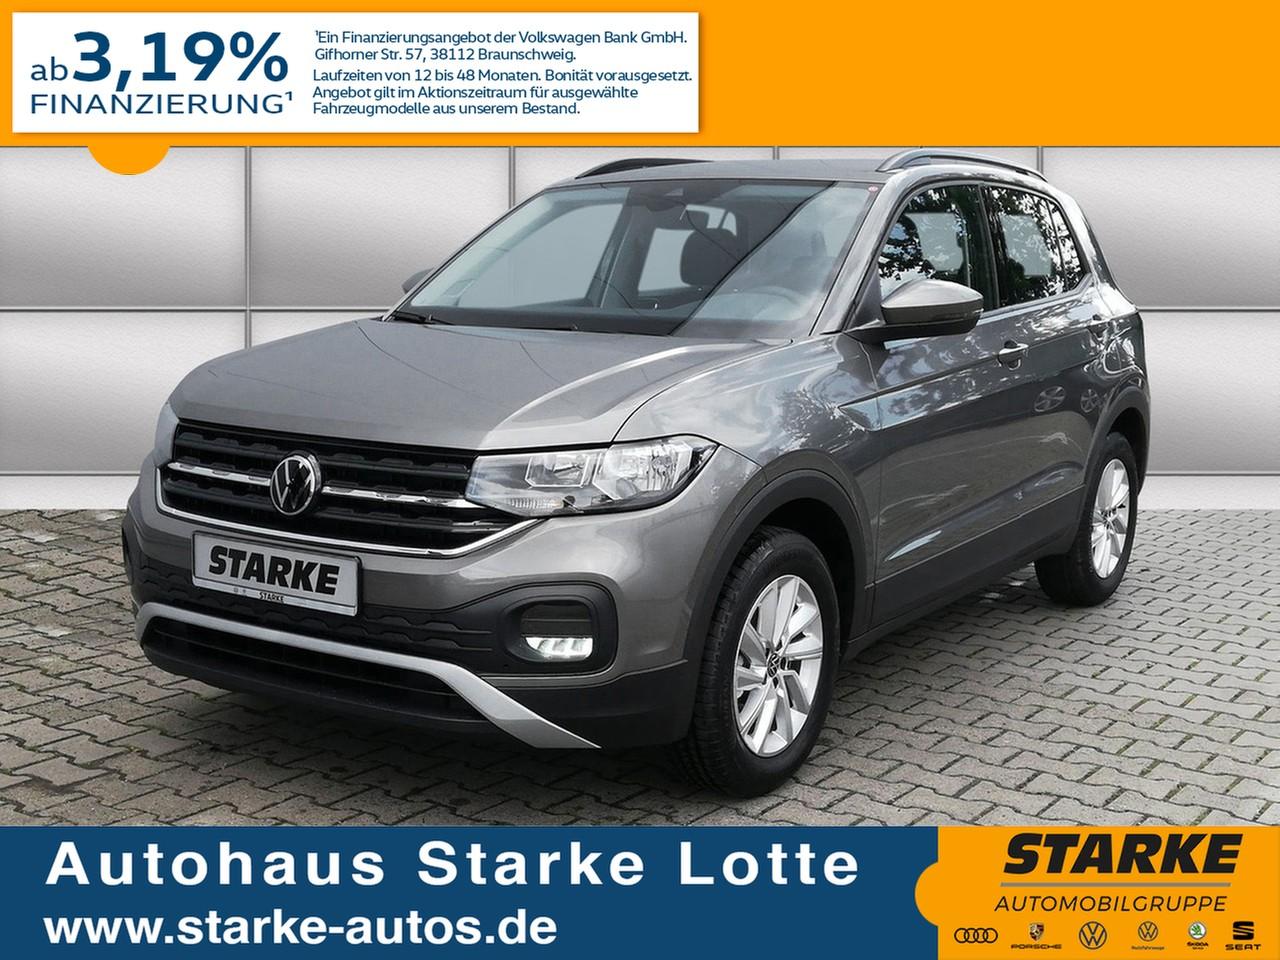 VW T-Cross finanzieren